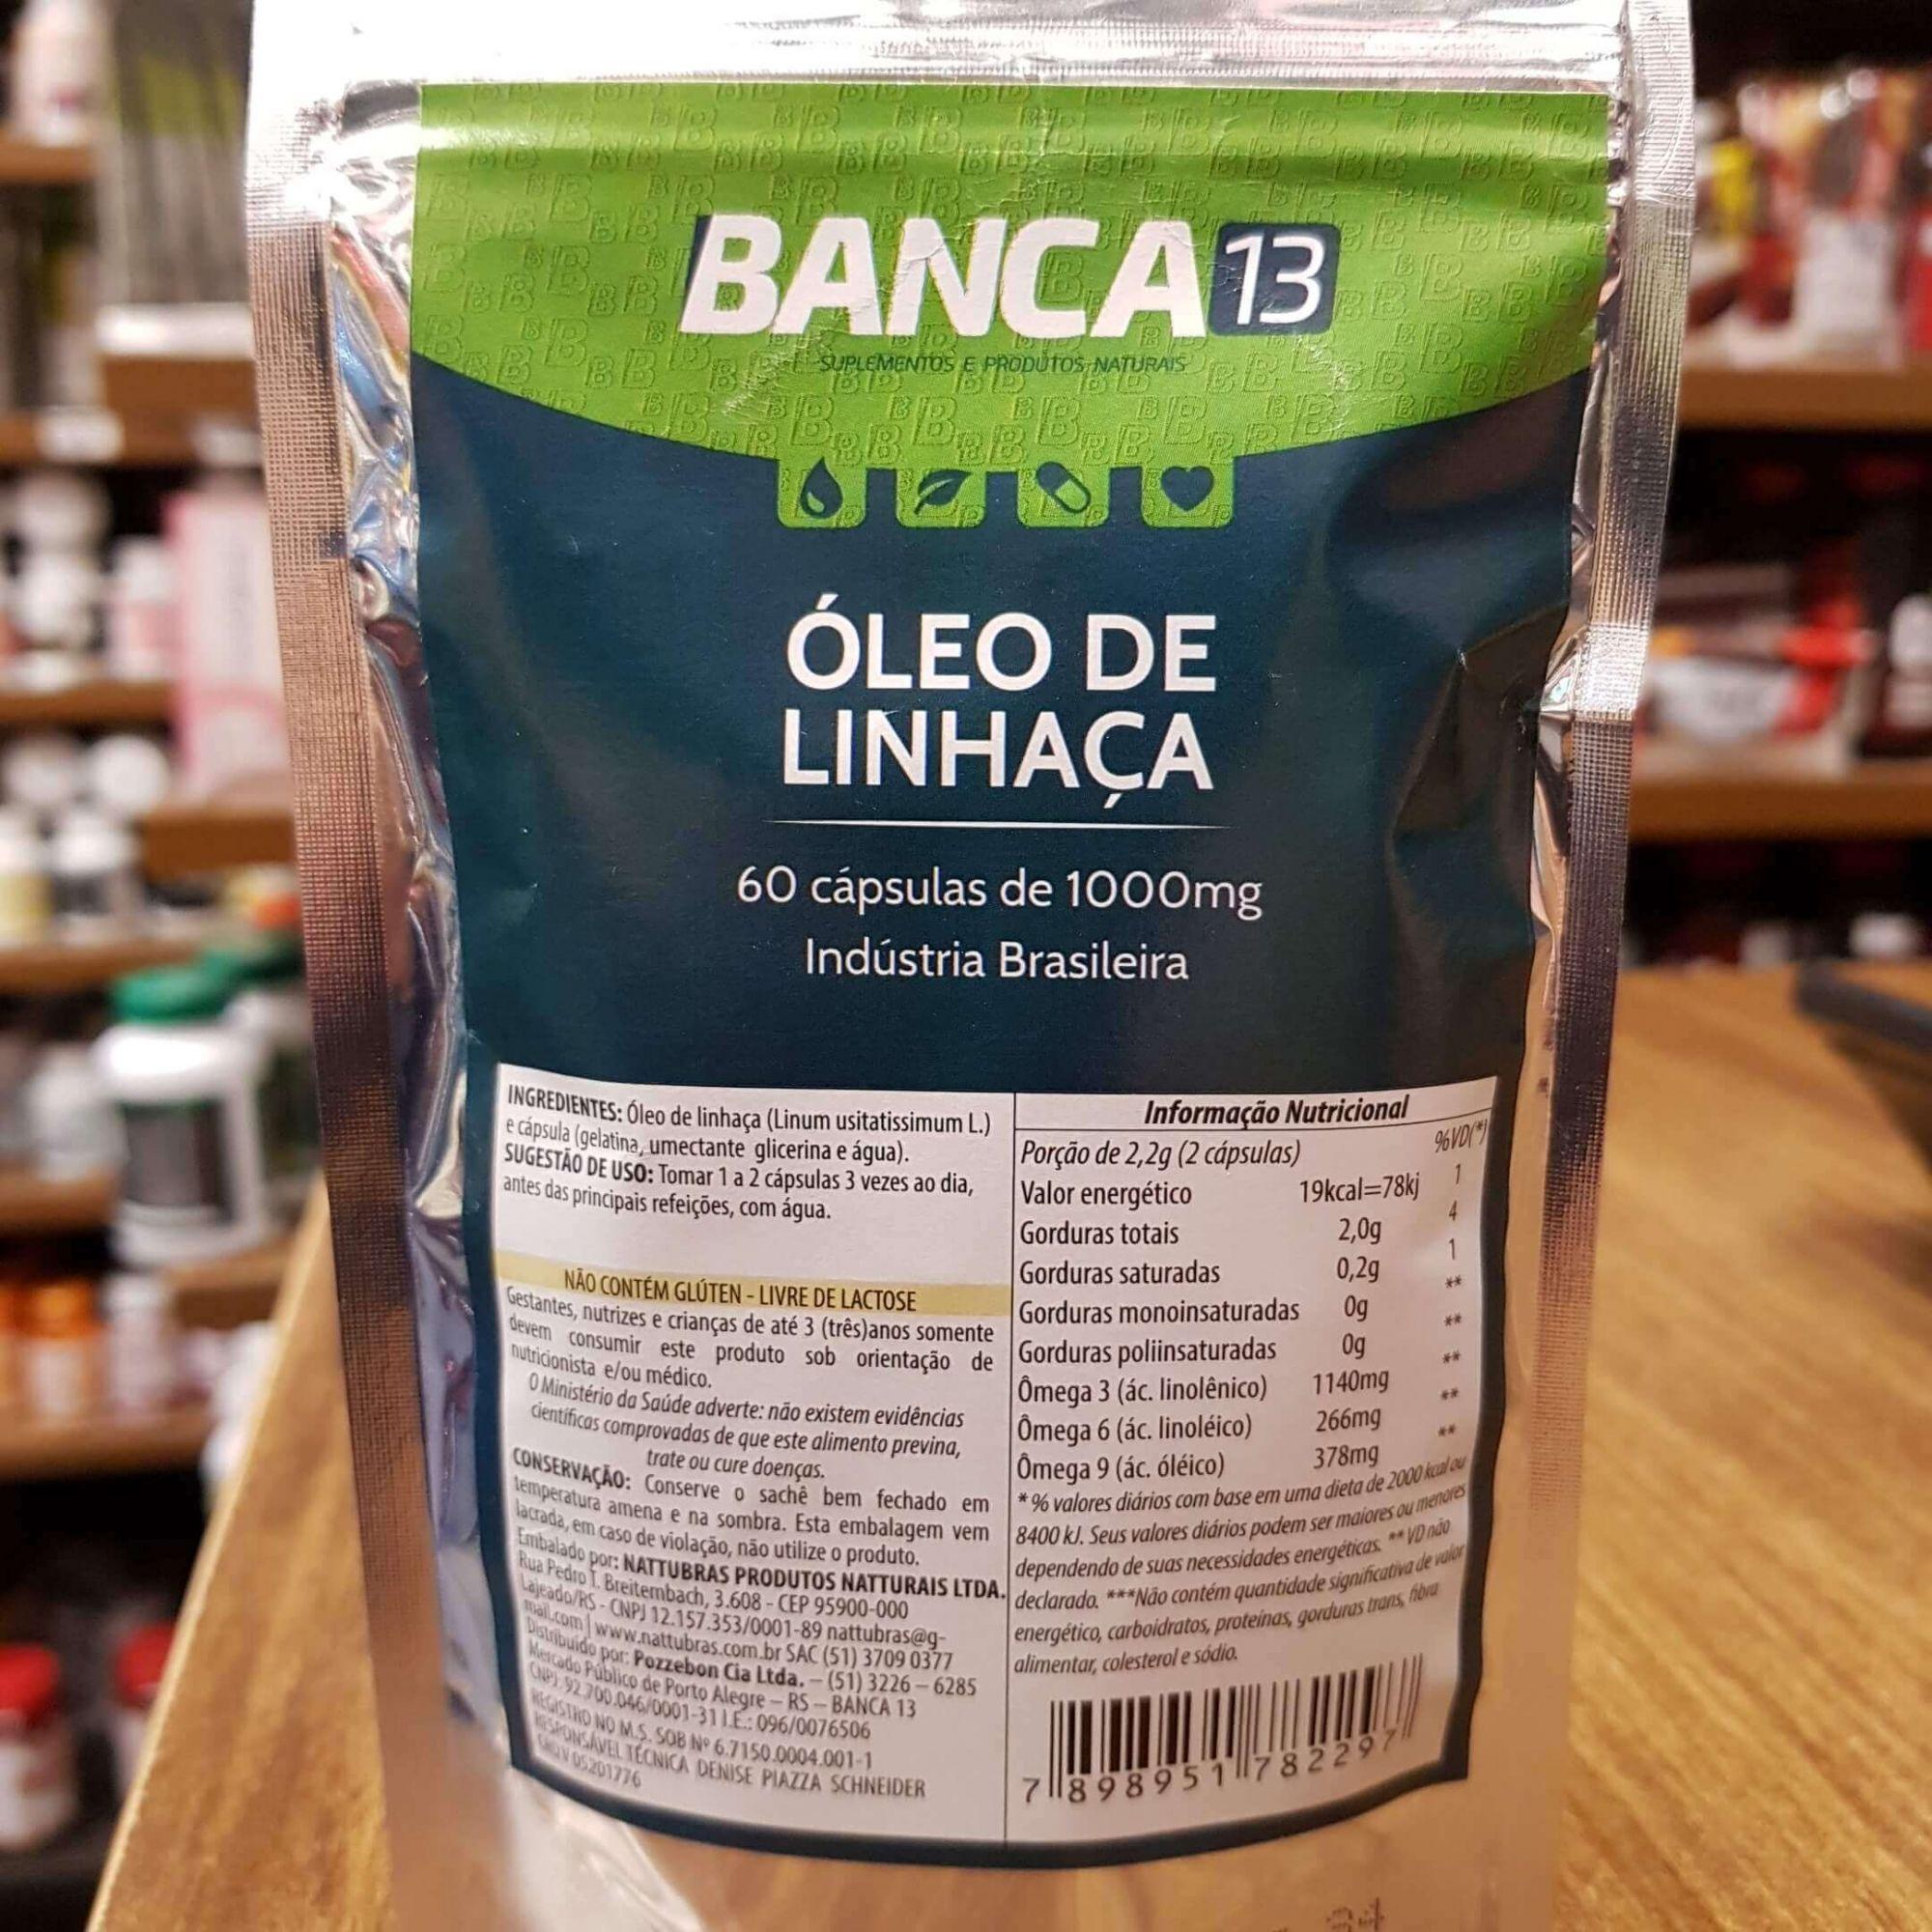 Óleo de Linhaça 60 cápsulas de 1000mg - Banca 13